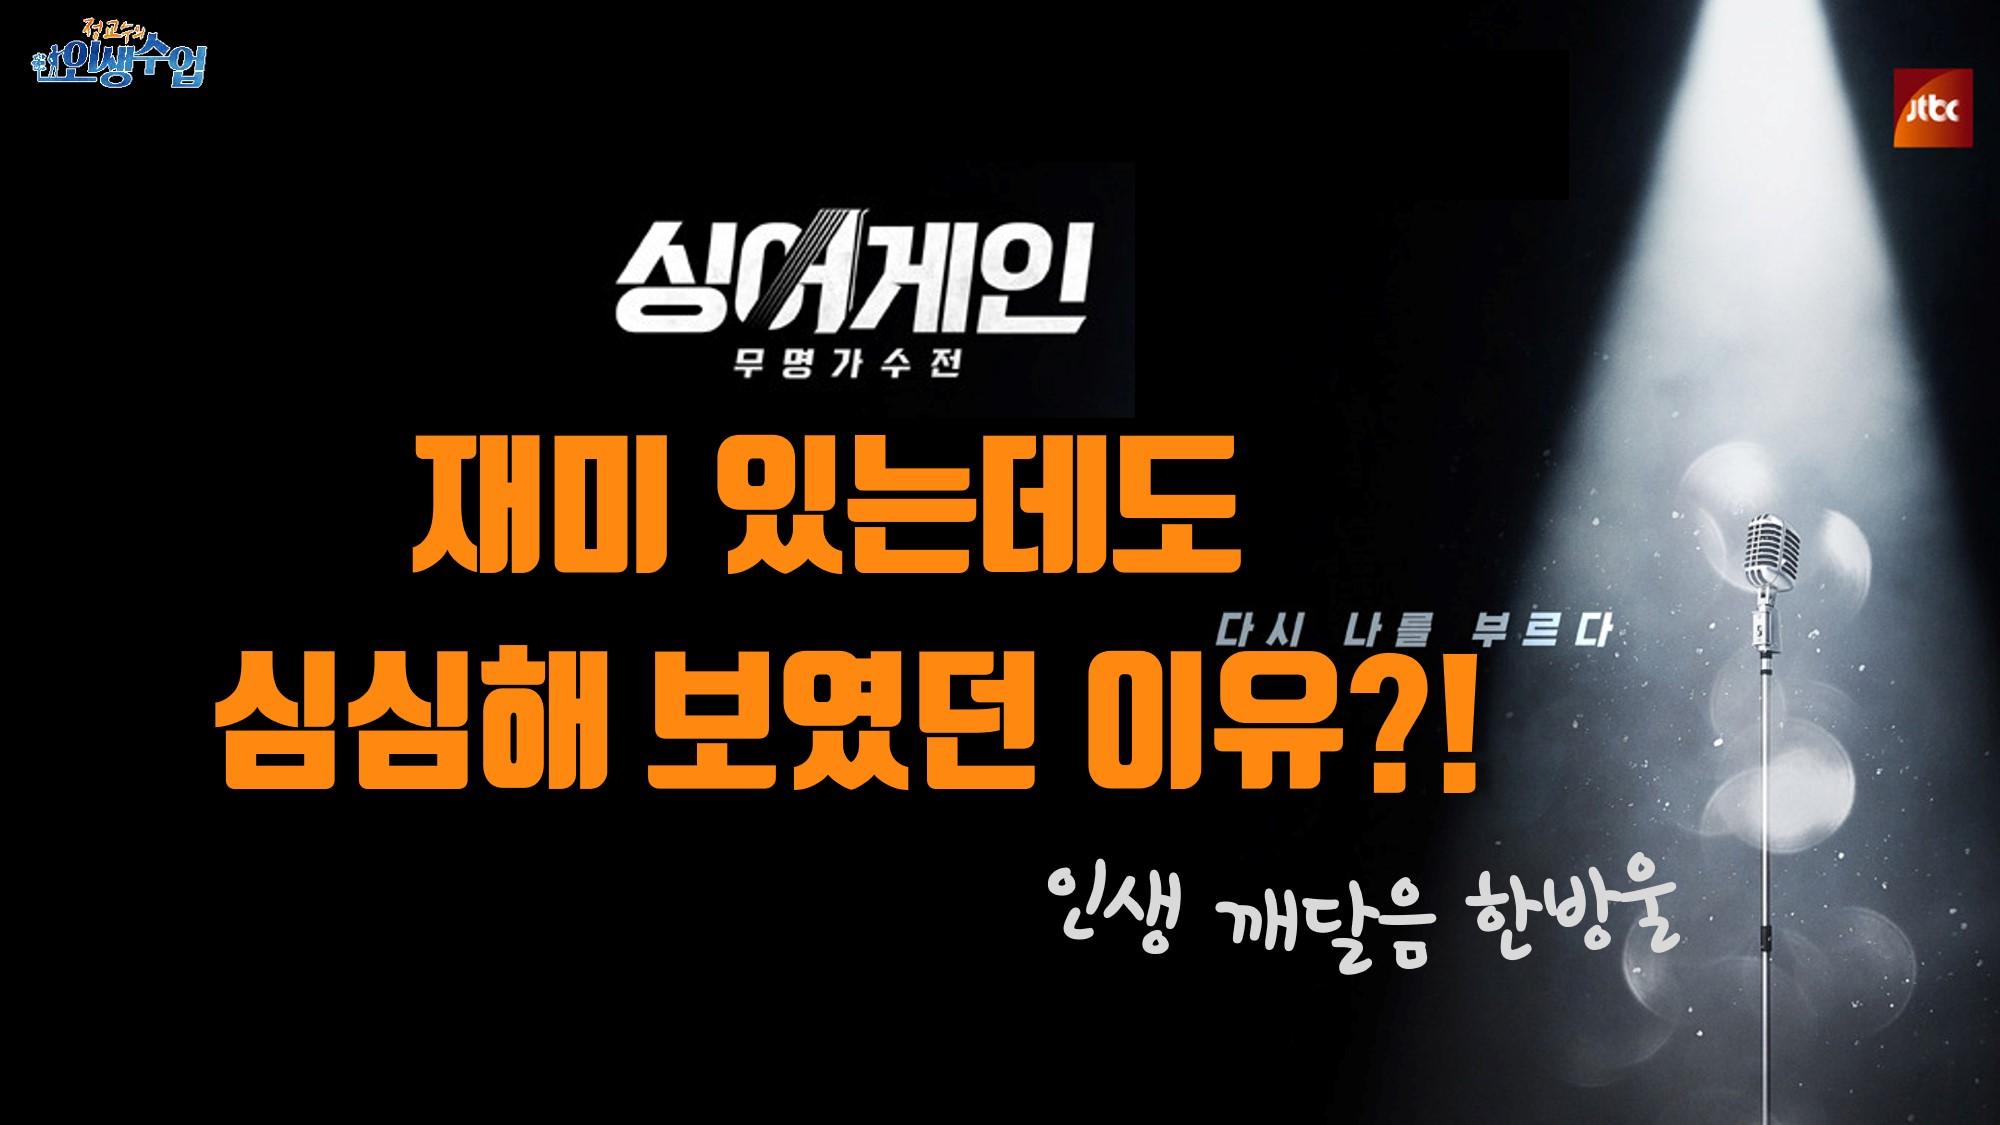 싱어게인리뷰) 분명 재미있는데도 심심해 보였던 이유?! (feat.인생깨달음 한방울)